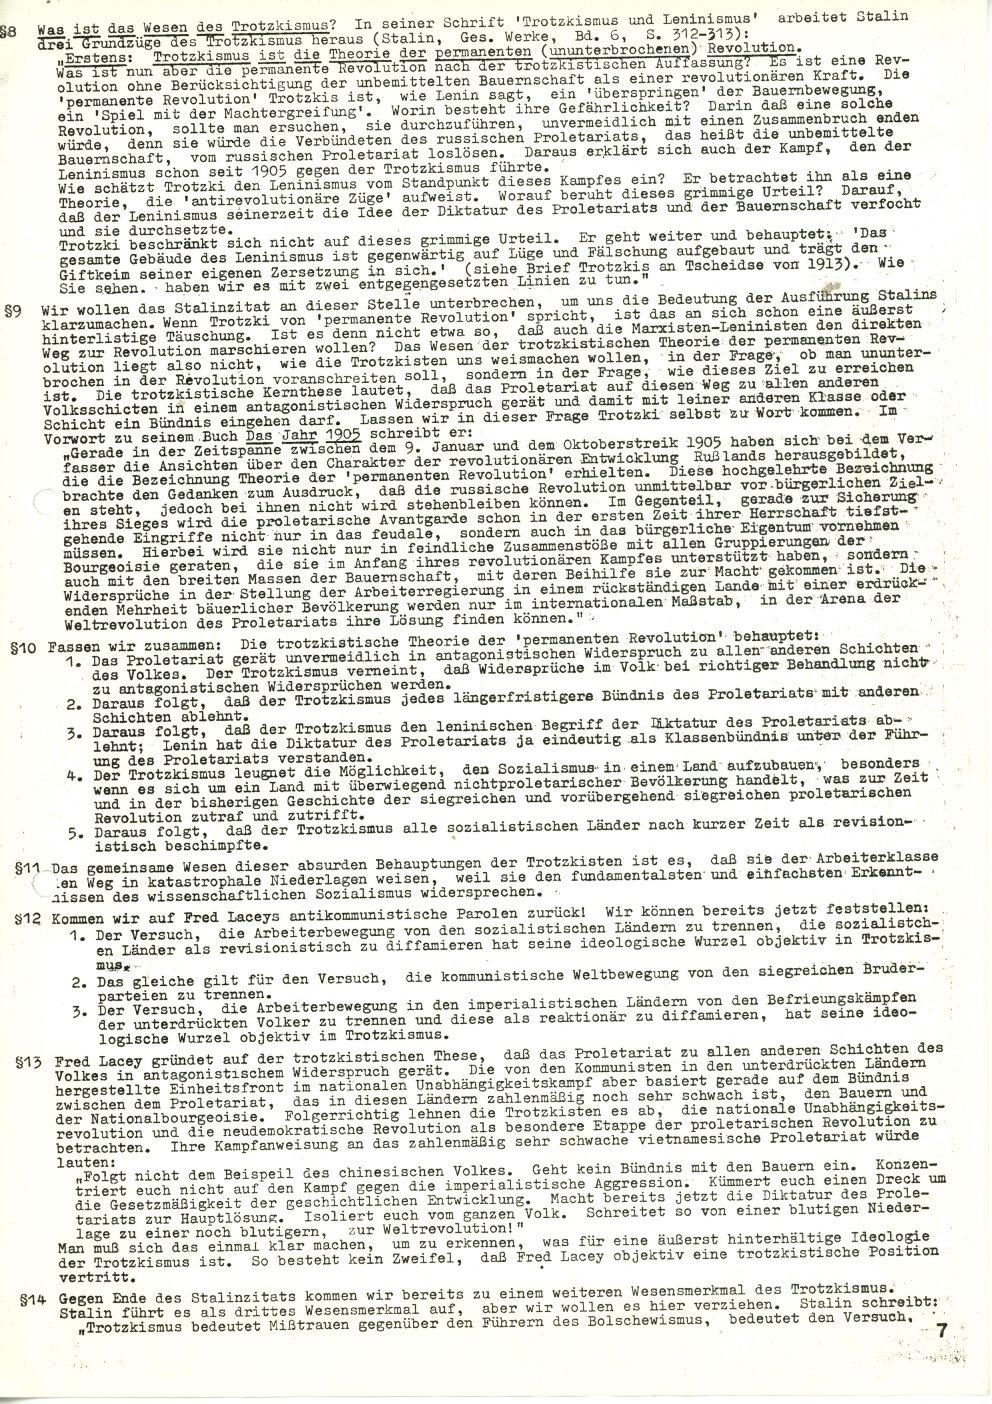 Muenchen_1972_Offener_Brief_an_die_KPDML_07